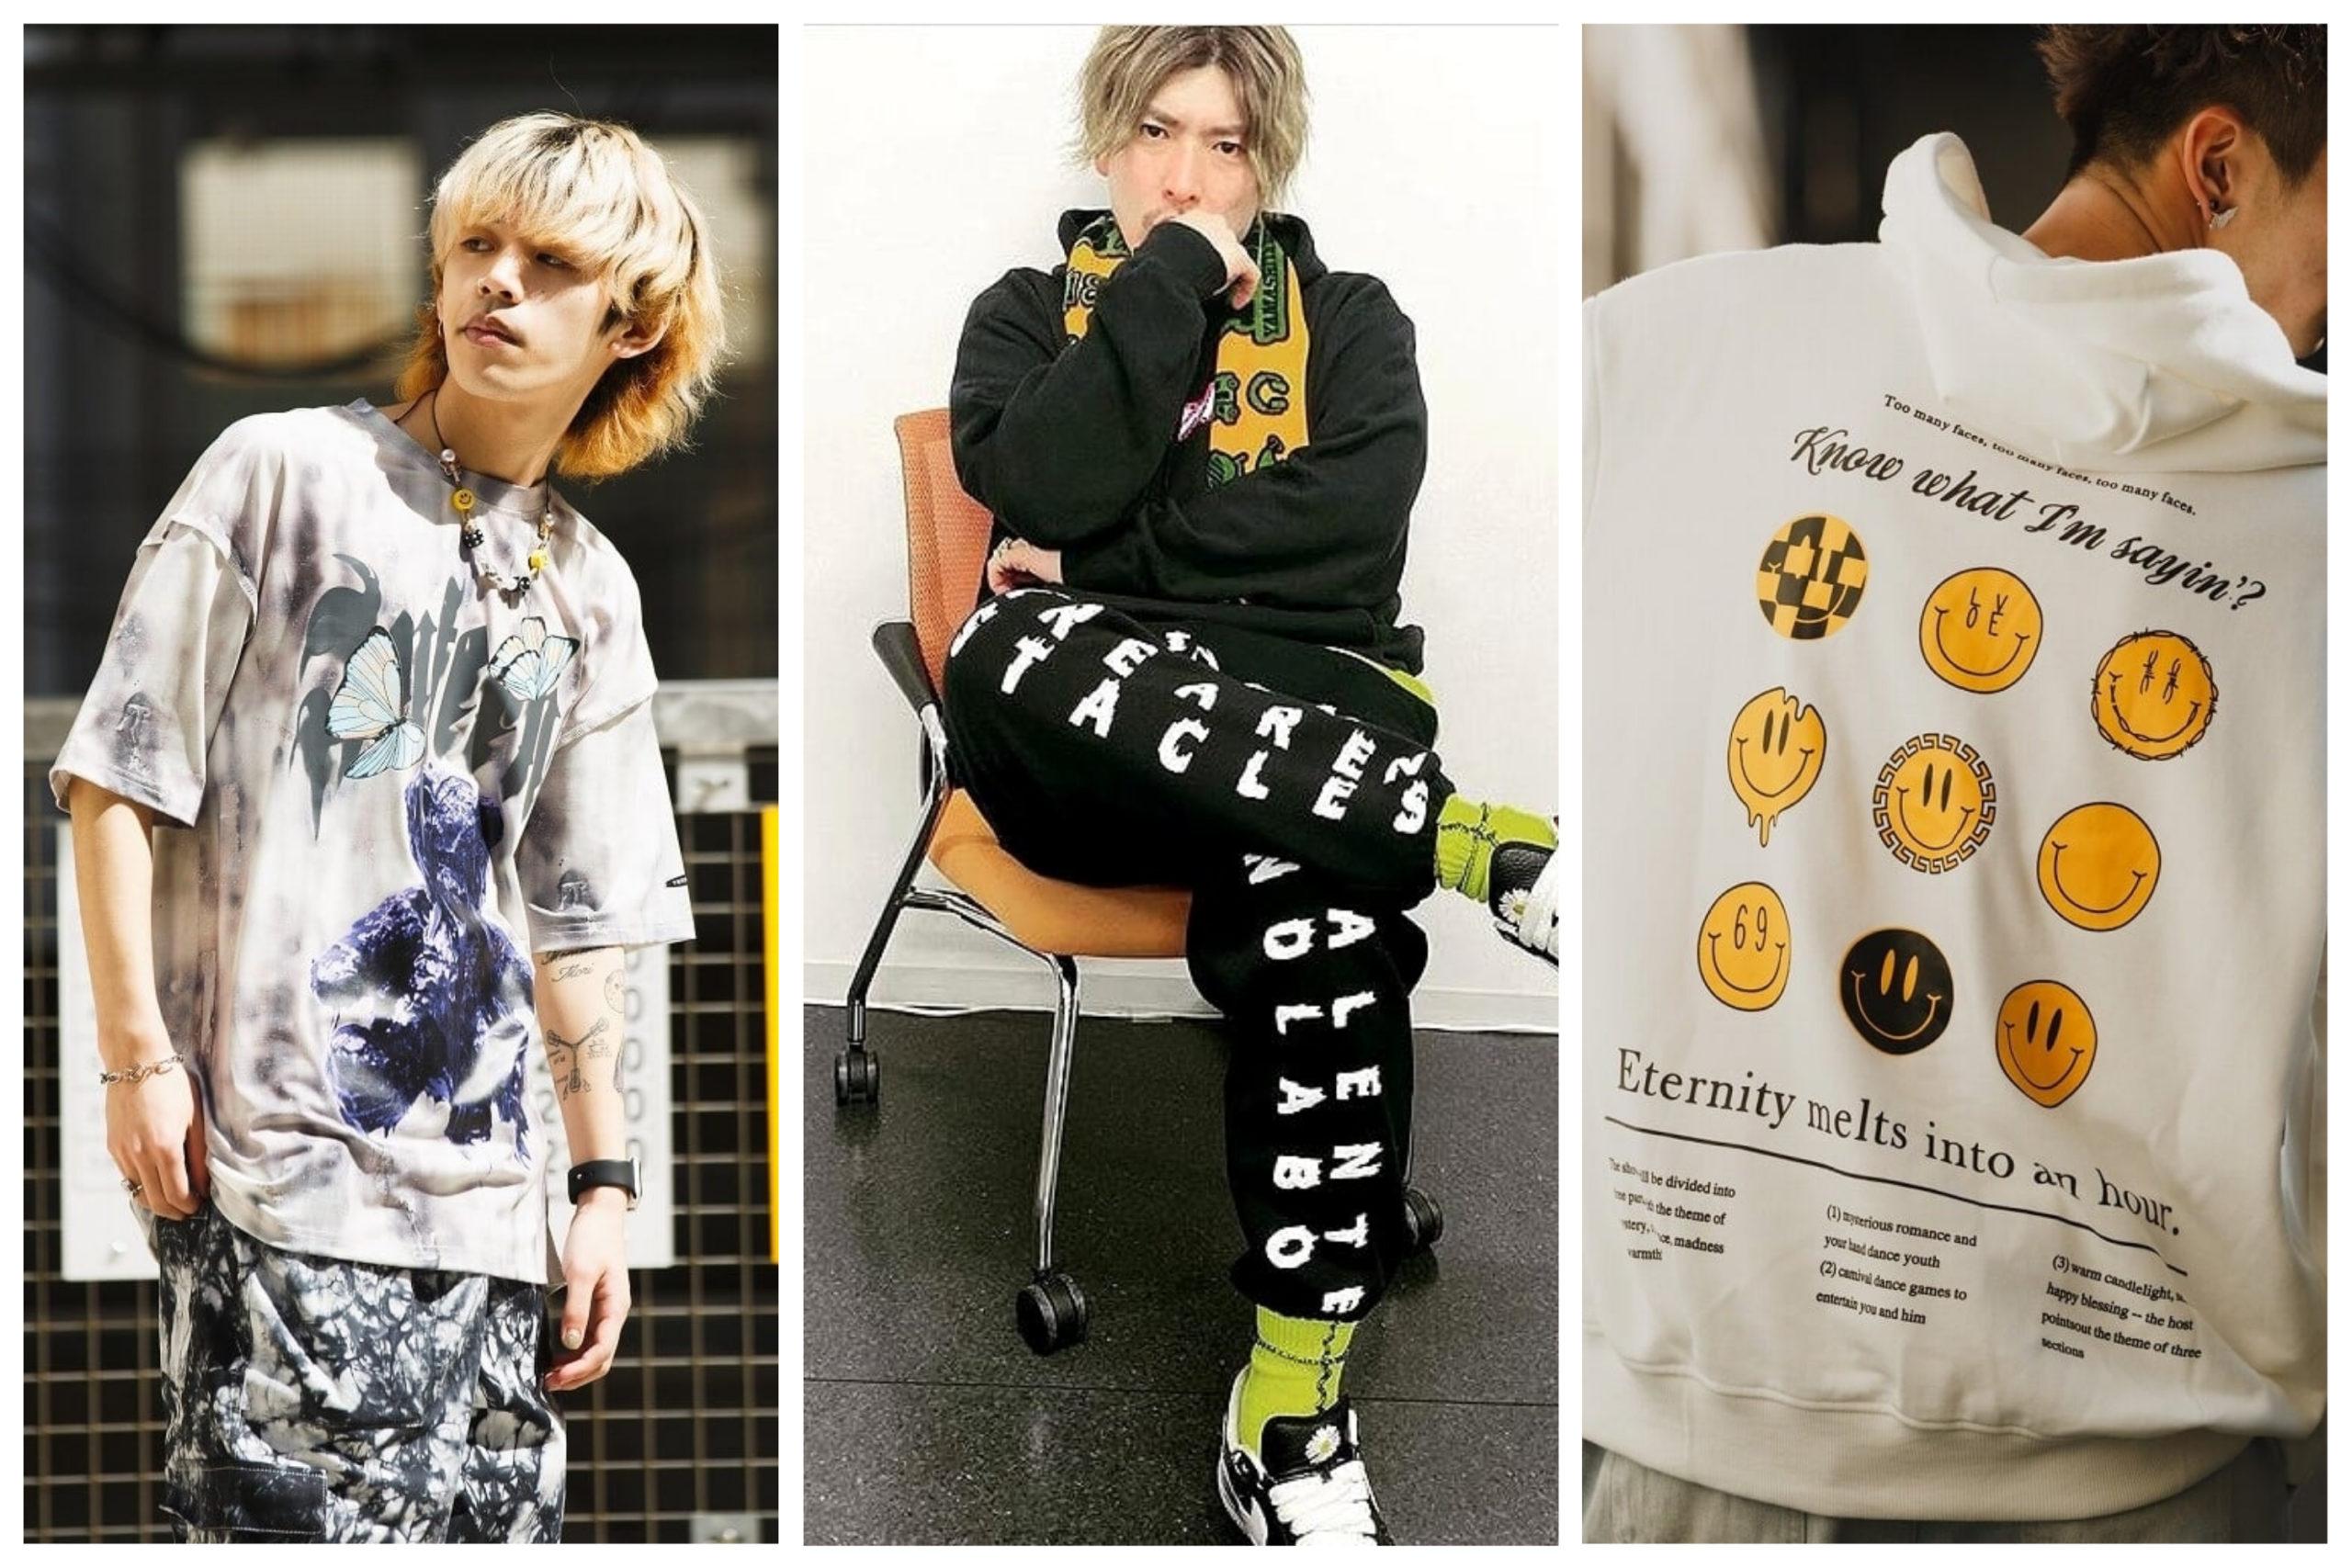 おうち服なに着てる?ストリートファッションのお店が提案する気分が上がるアイテム特集のアイキャッチ画像